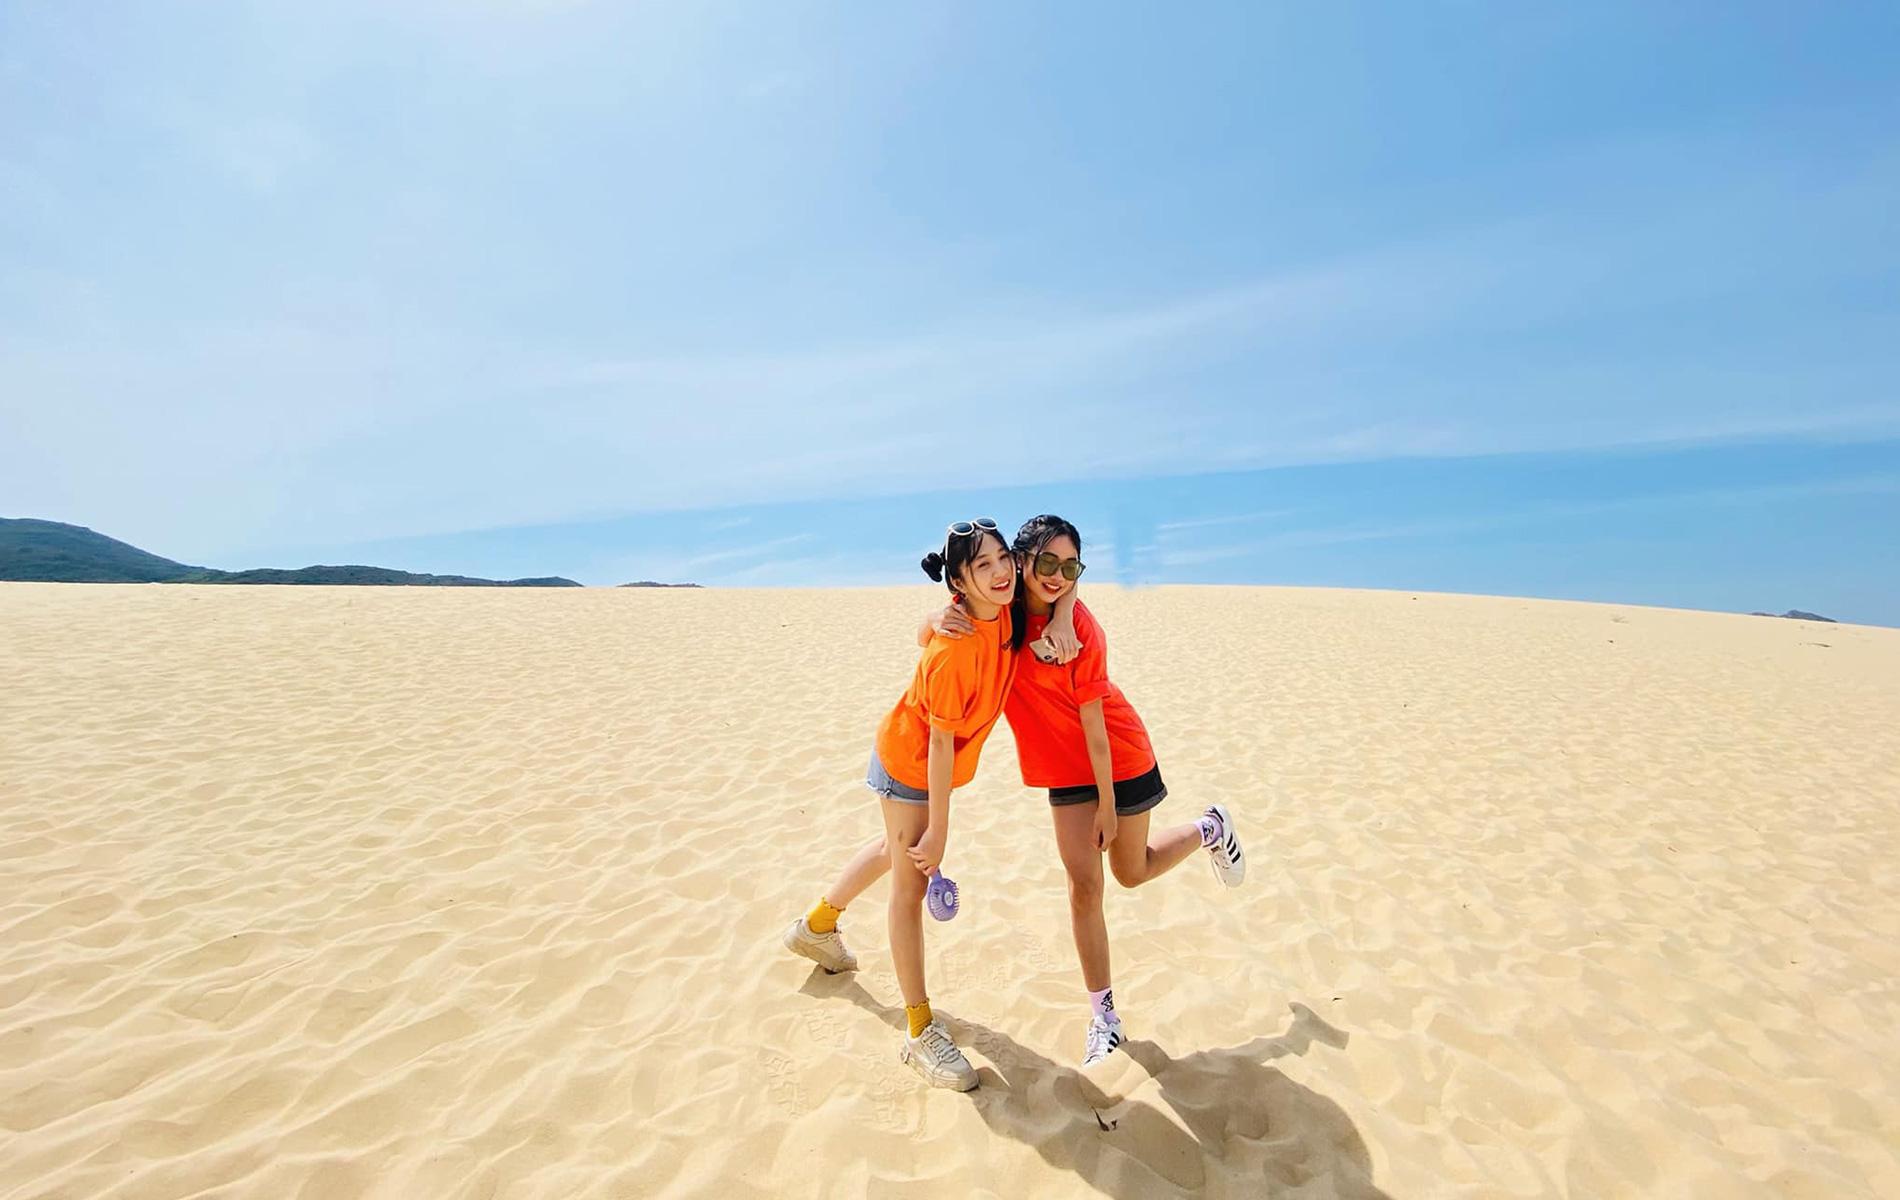 Phuong Mai Sand Dune (Đồi cát Phương Mai)